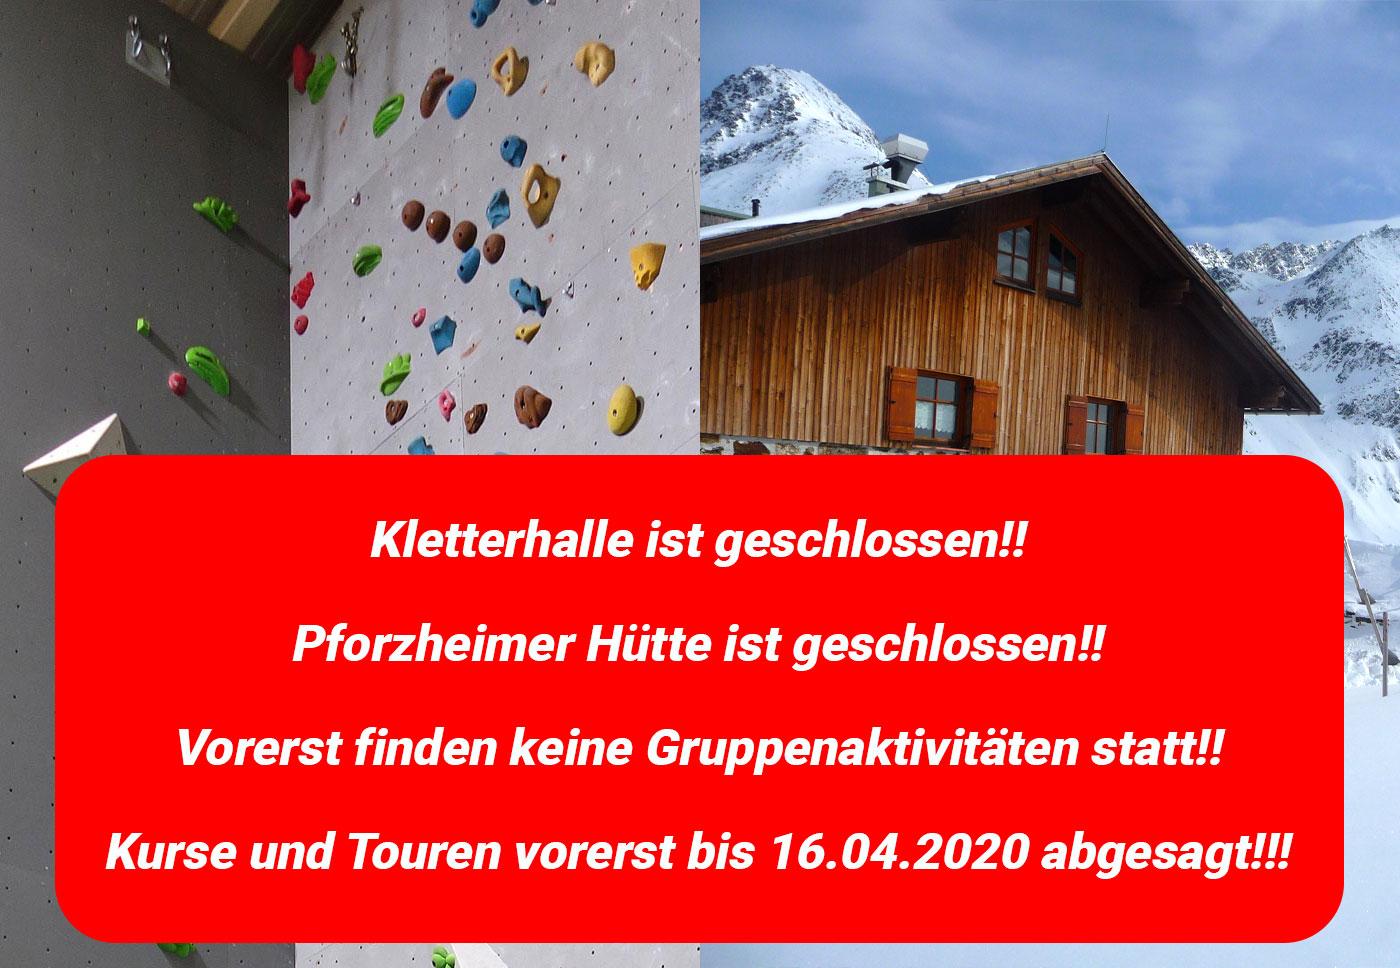 Kletterhalle, Pf-Hütte sind geschlossen